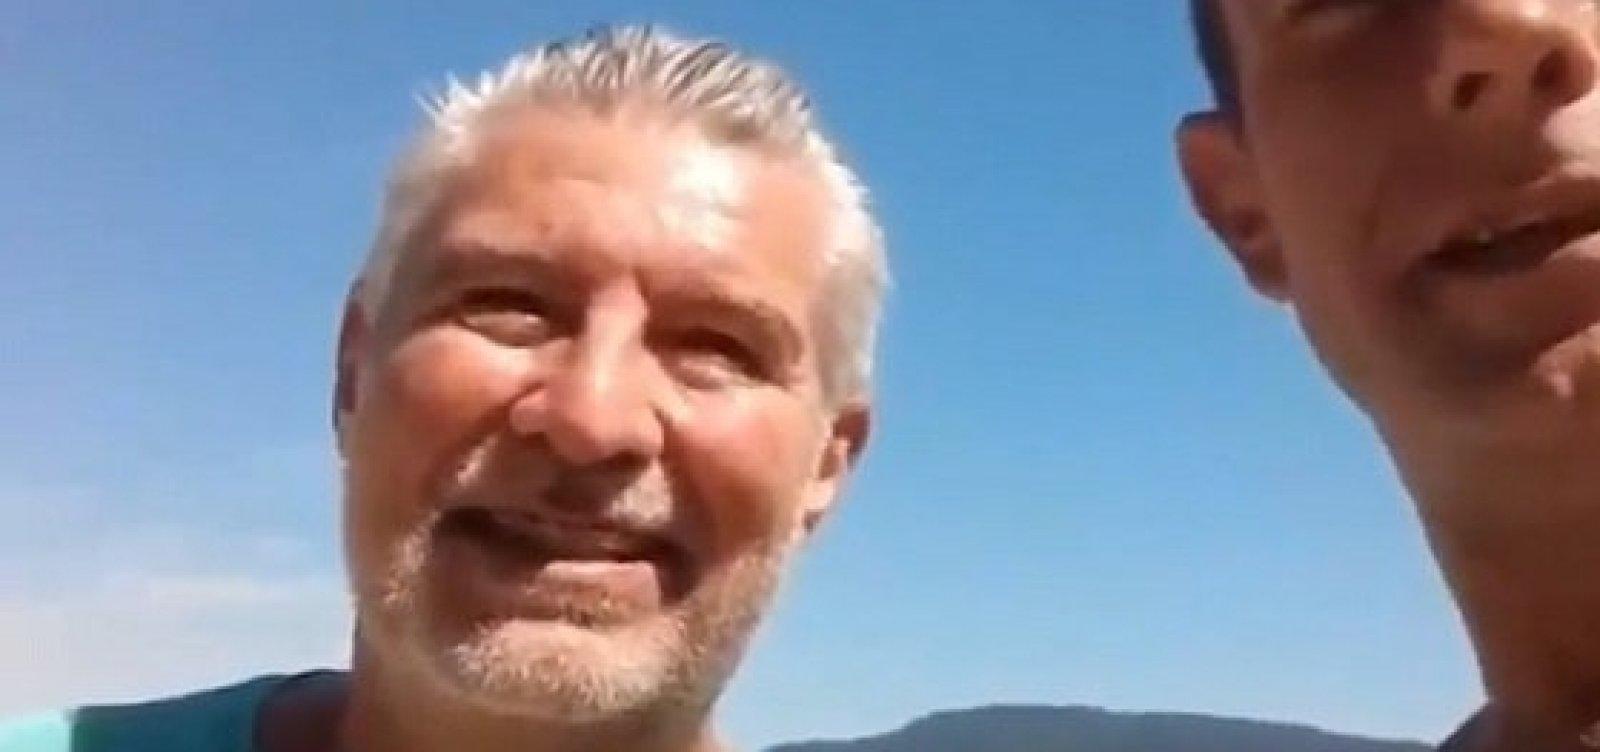 [Covid-19: Ex-presidente do TJ-SP e pré-candidato desobedece lei e vai à praia]